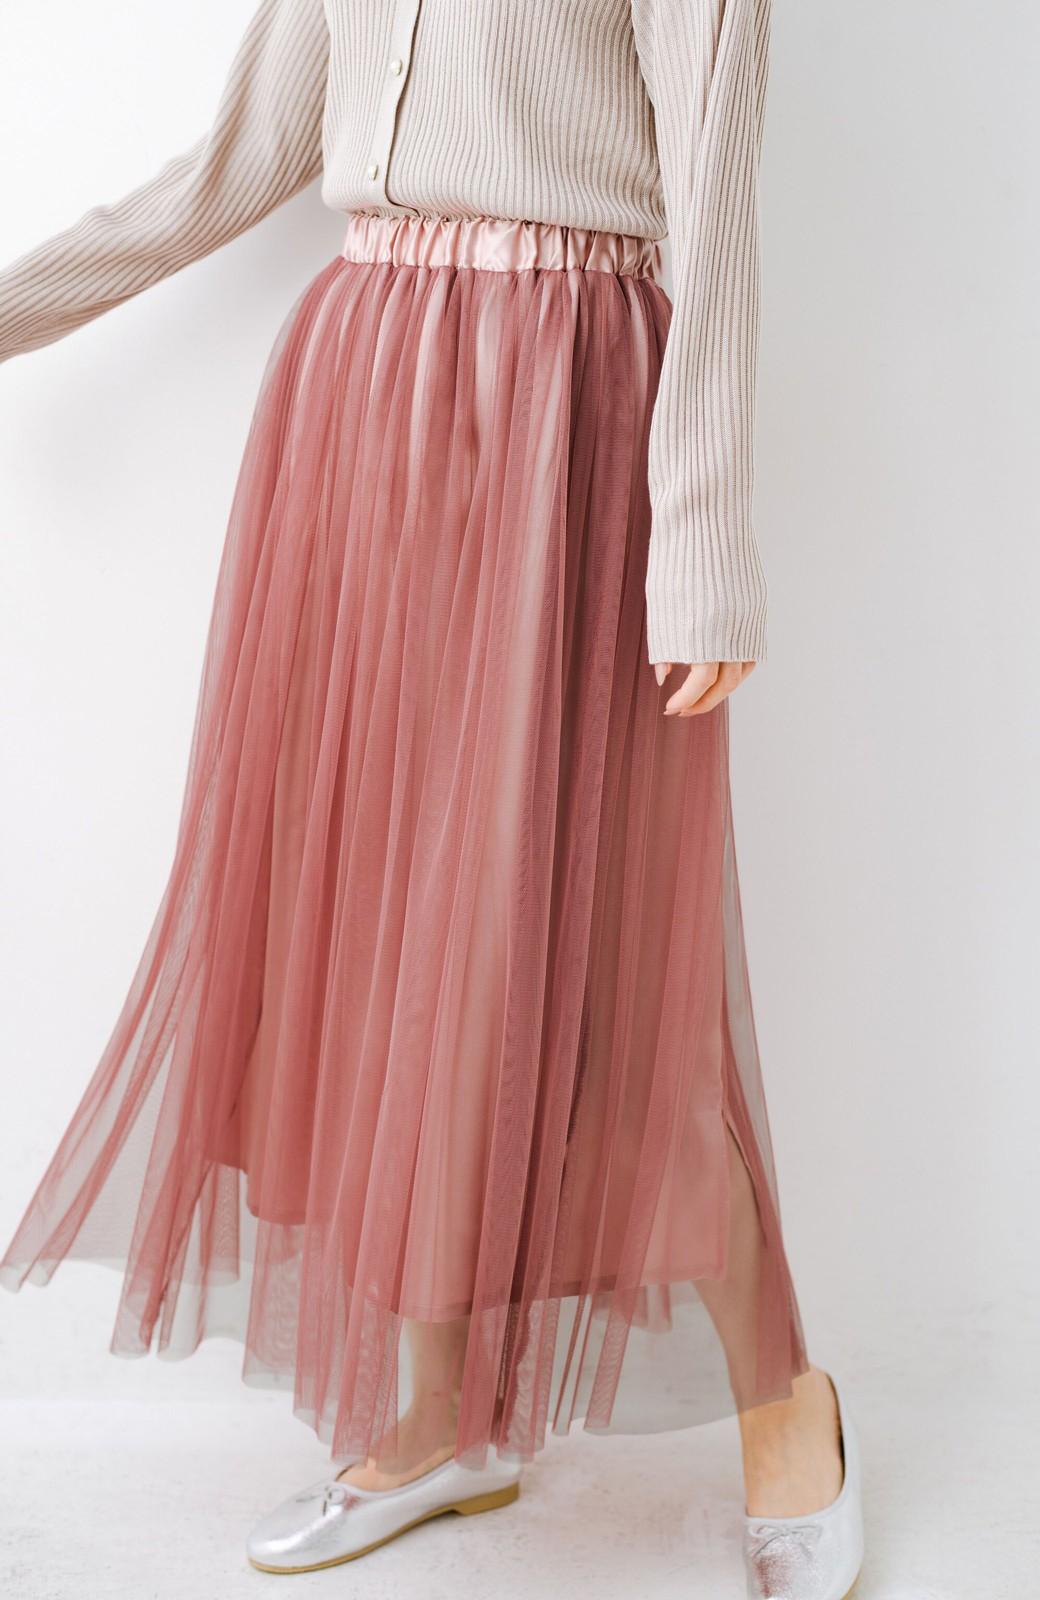 haco! 着るだけでルンとした気分になる! 長ーーい季節着られてずっと使えるオトナのためのチュールスカート <ピンク>の商品写真12